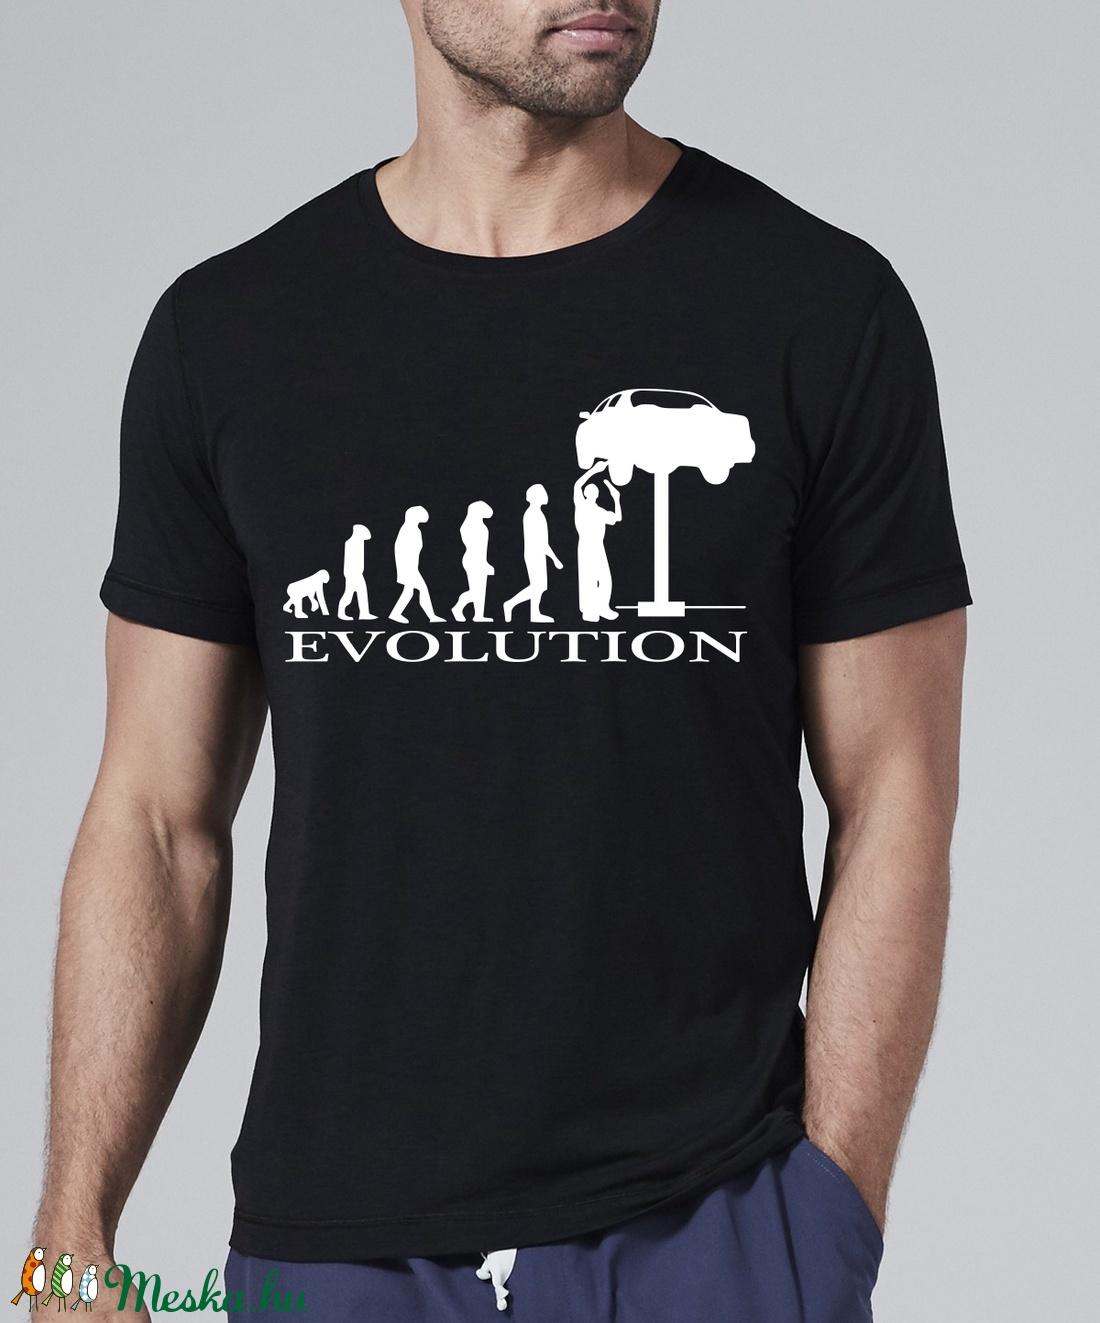 Autószerelő evolúció - Kézzel készített f6359b2871